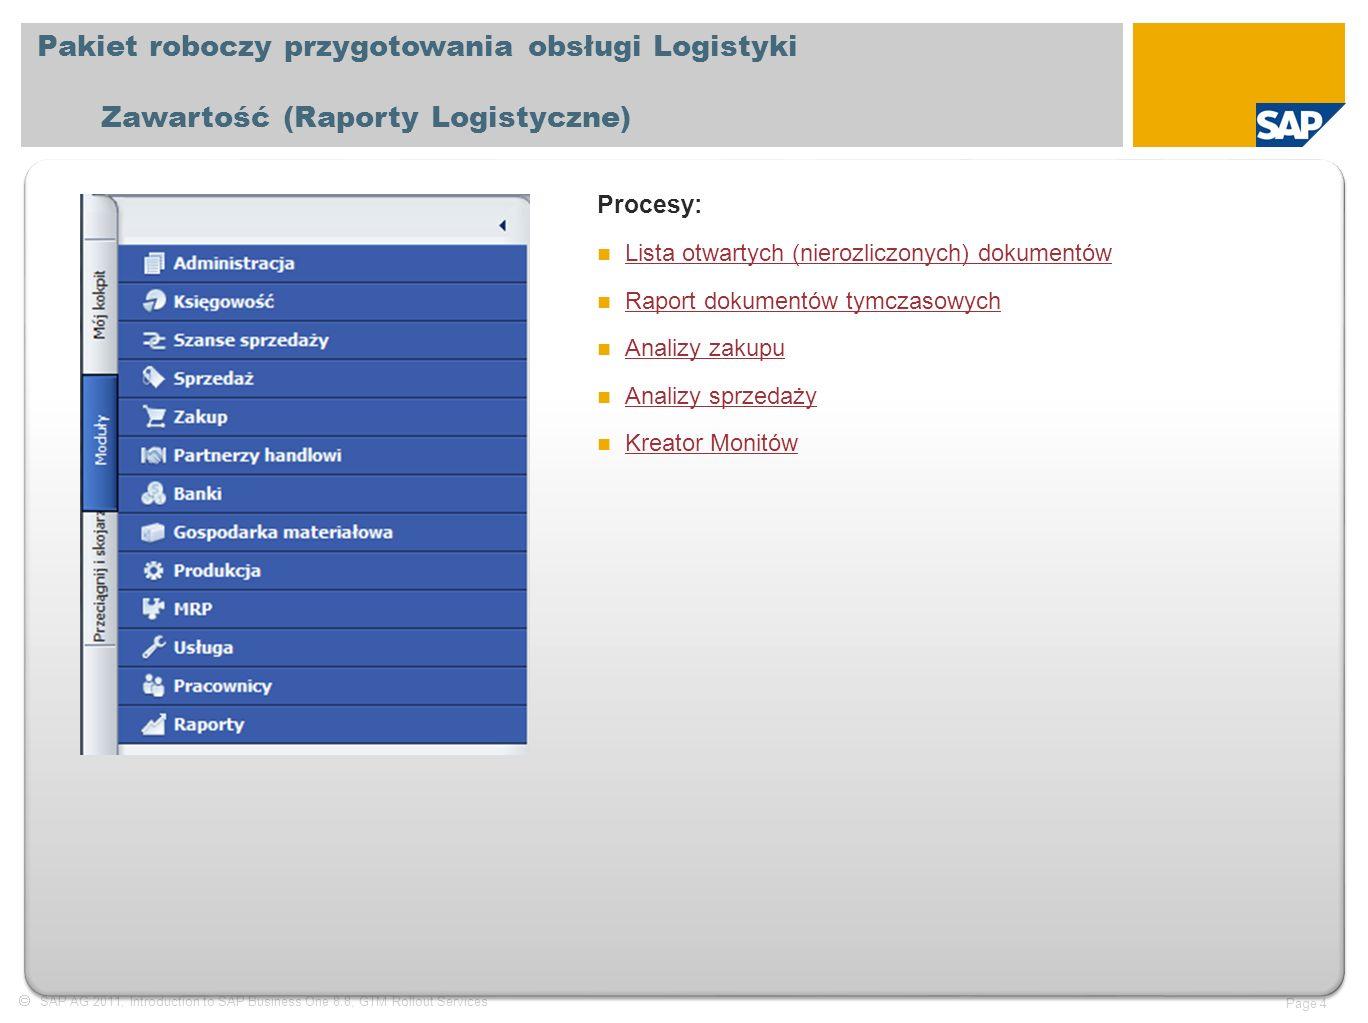  SAP AG 2011, Introduction to SAP Business One 8.8, GTM Rollout Services Page 4 Pakiet roboczy przygotowania obsługi Logistyki Zawartość (Raporty Logistyczne) Procesy: Lista otwartych (nierozliczonych) dokumentów Lista otwartych (nierozliczonych) dokumentów Raport dokumentów tymczasowych Analizy zakupu Analizy sprzedaży Kreator Monitów Kreator Monitów